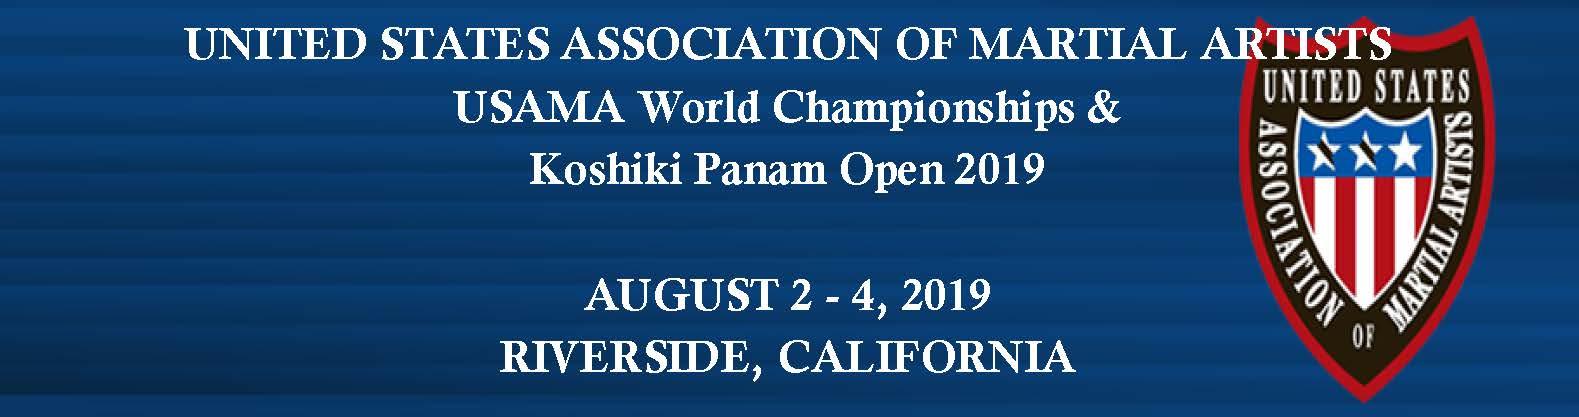 World Championships & Koshiki PanAm Open - US Association of